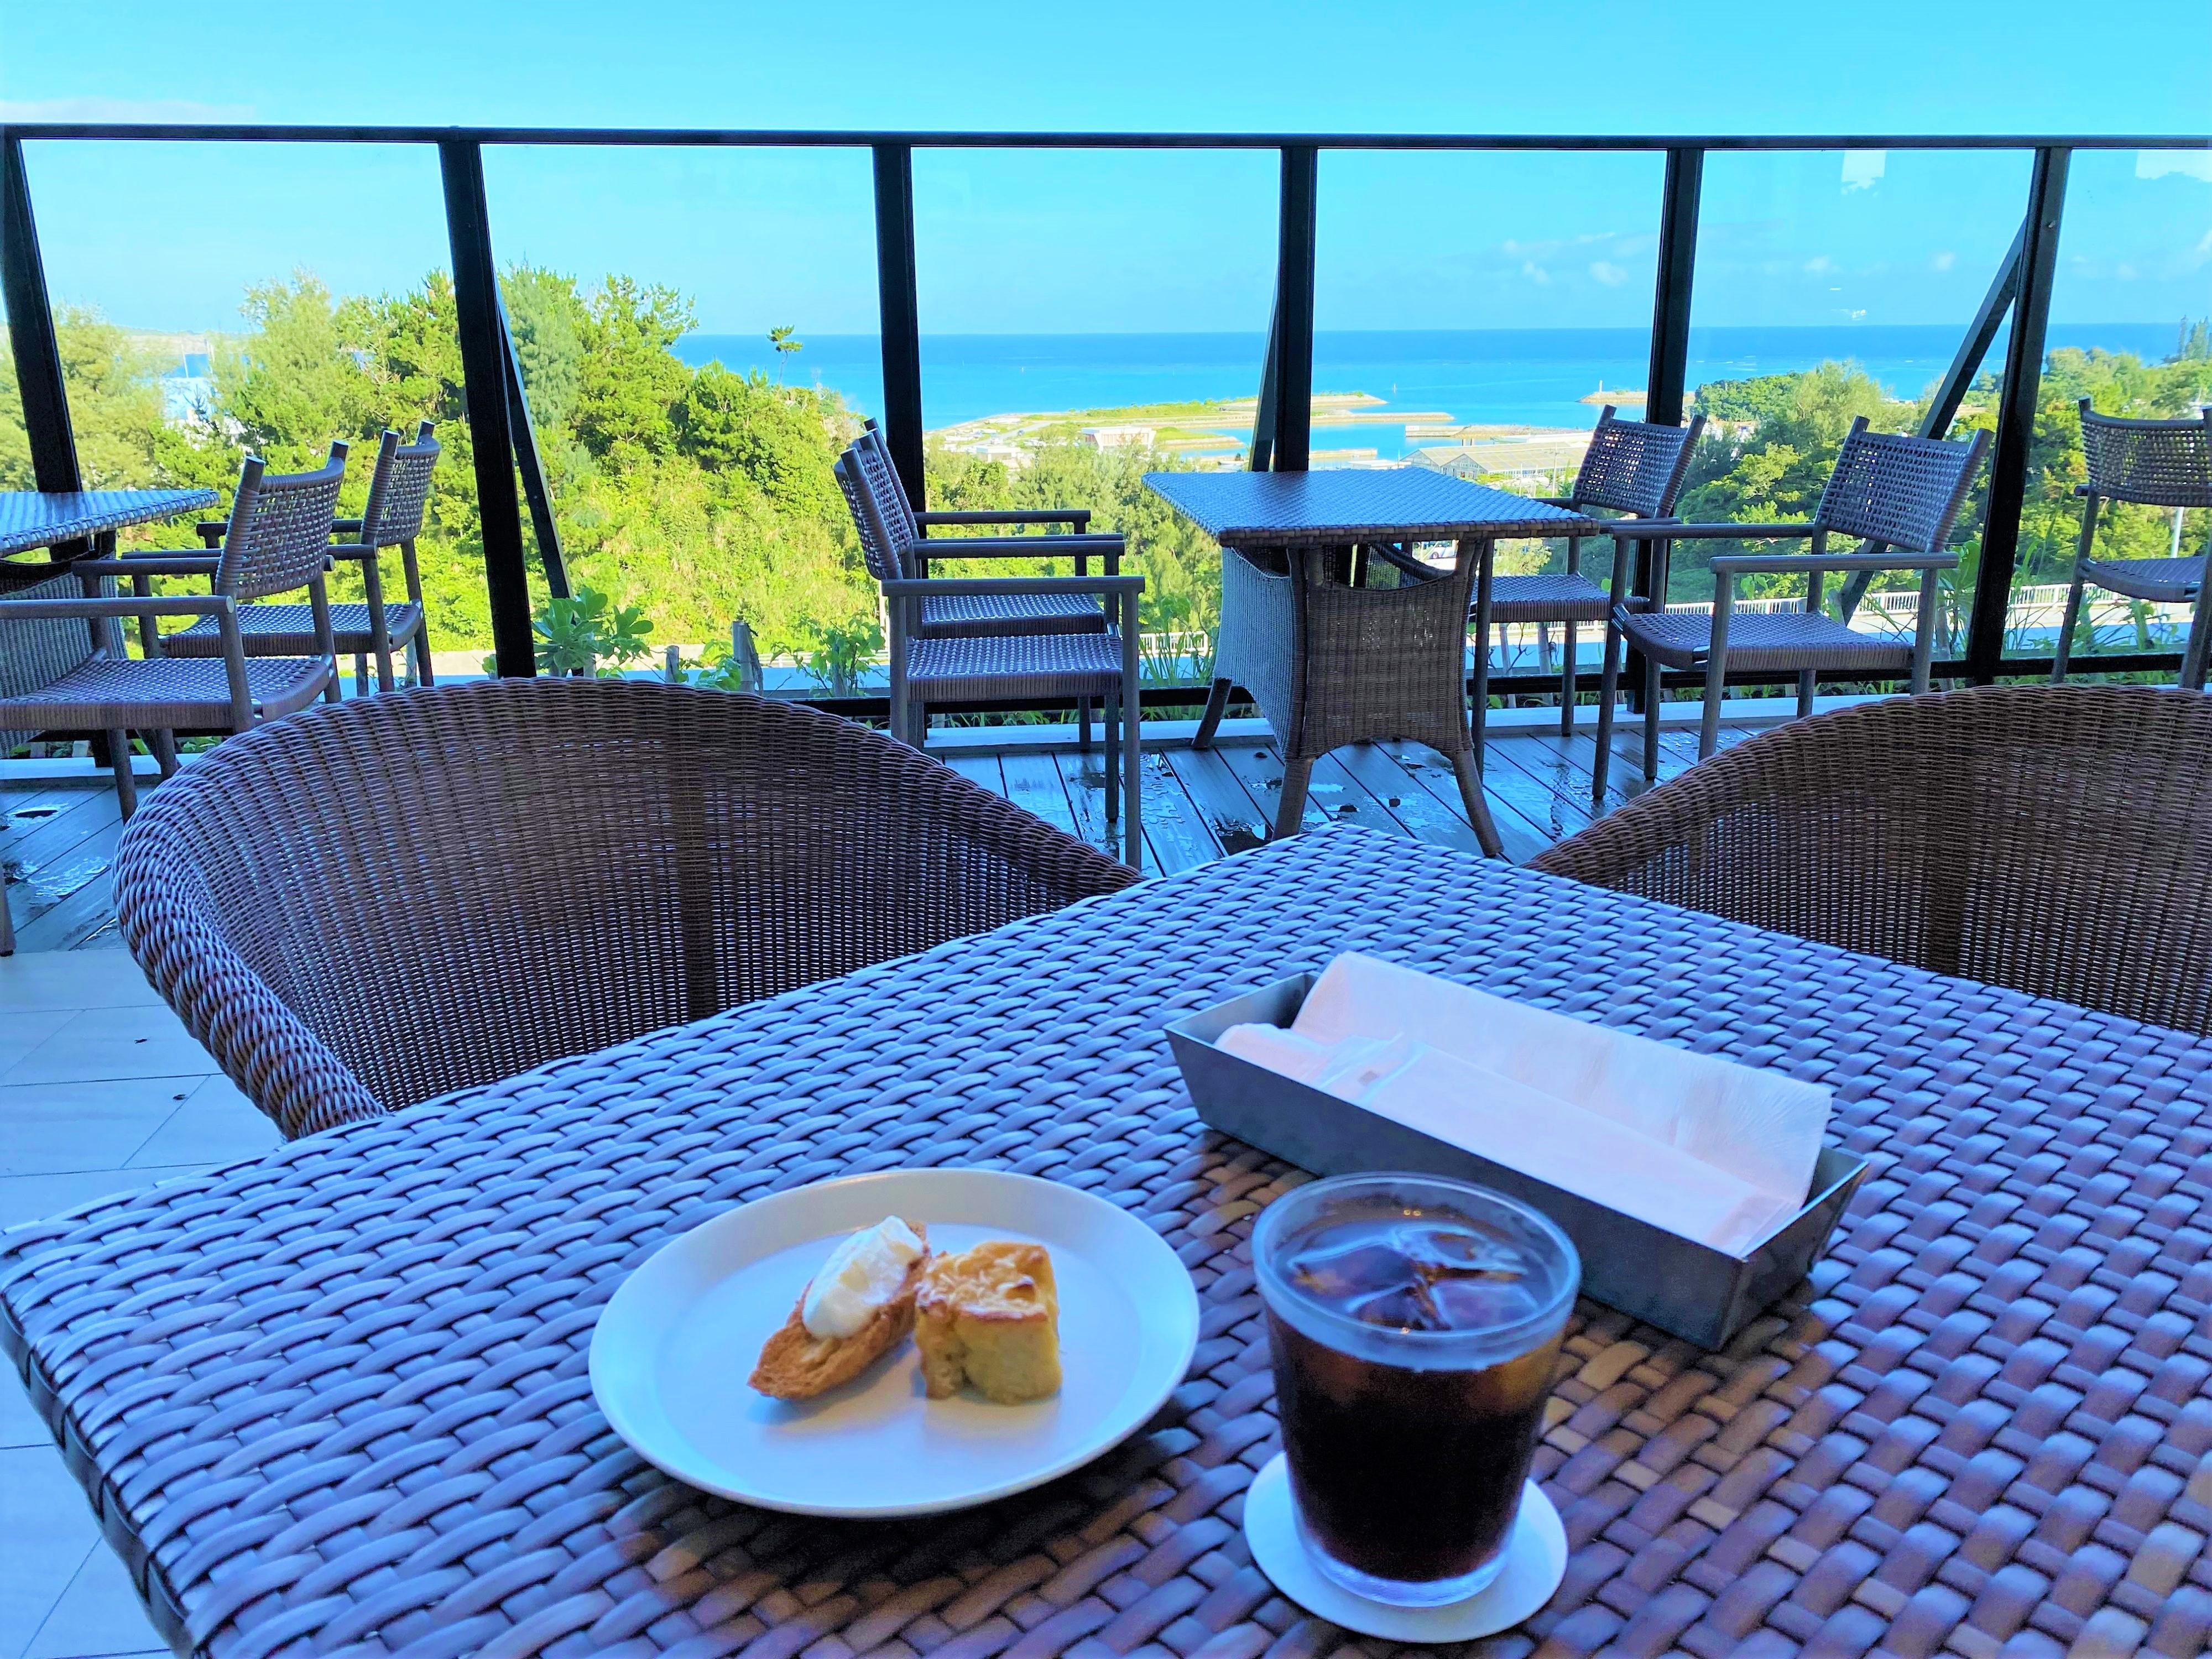 HIYORIオーシャンリゾート沖縄 朝食 テラス